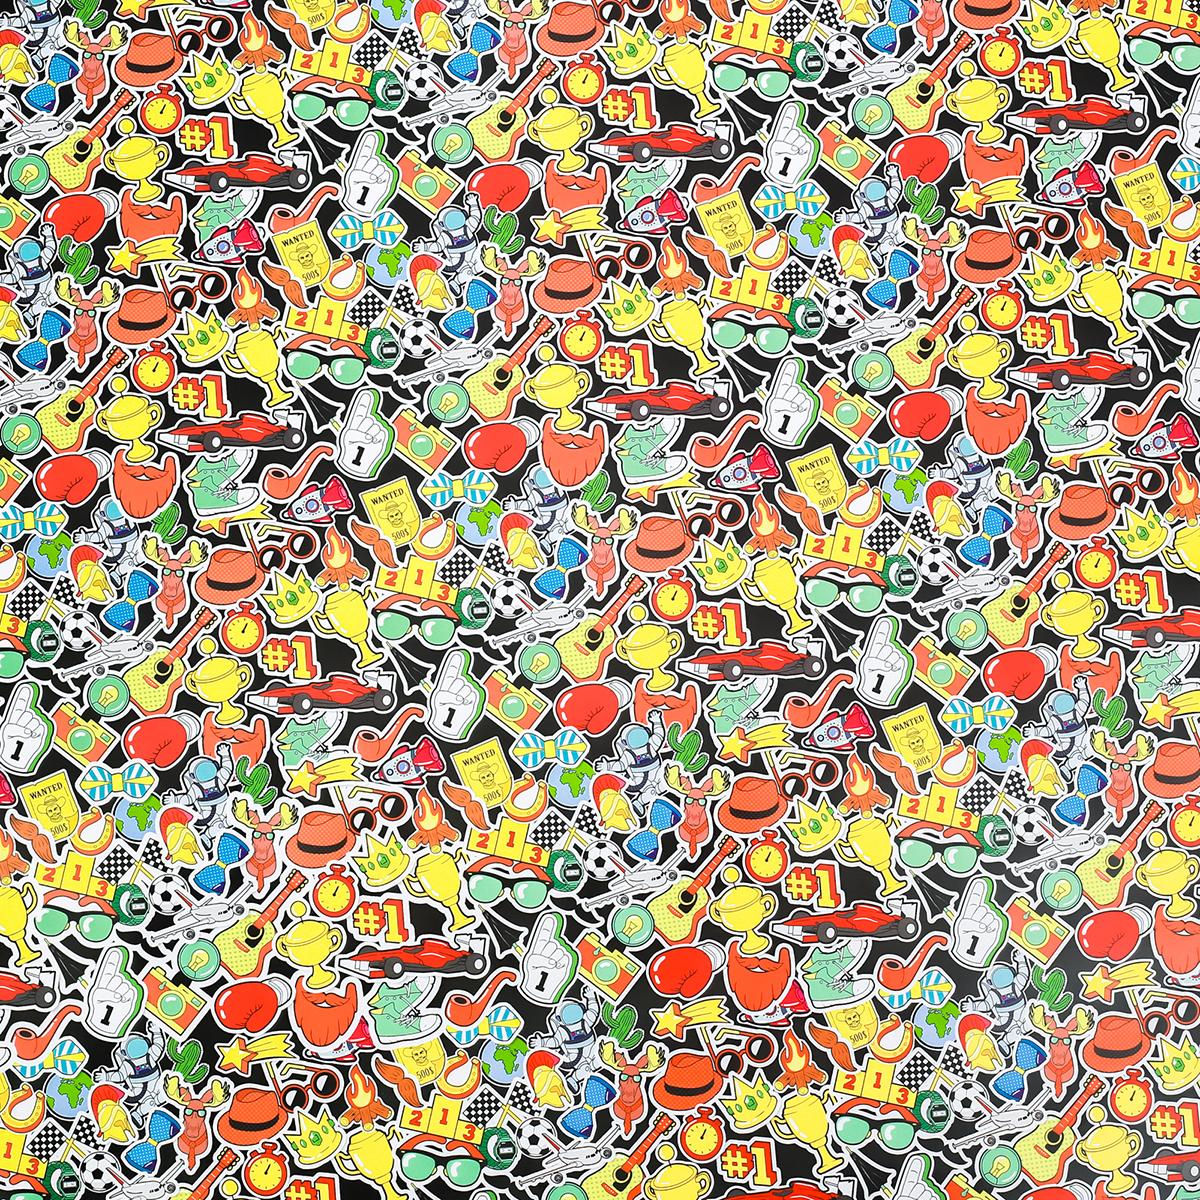 Бумага упаковочная Дарите счастье Яркие наклейки, глянцевая, 70 х 100 см. 2791670 бумага упаковочная дарите счастье цветы глянцевая 70 х 100 см 2887323